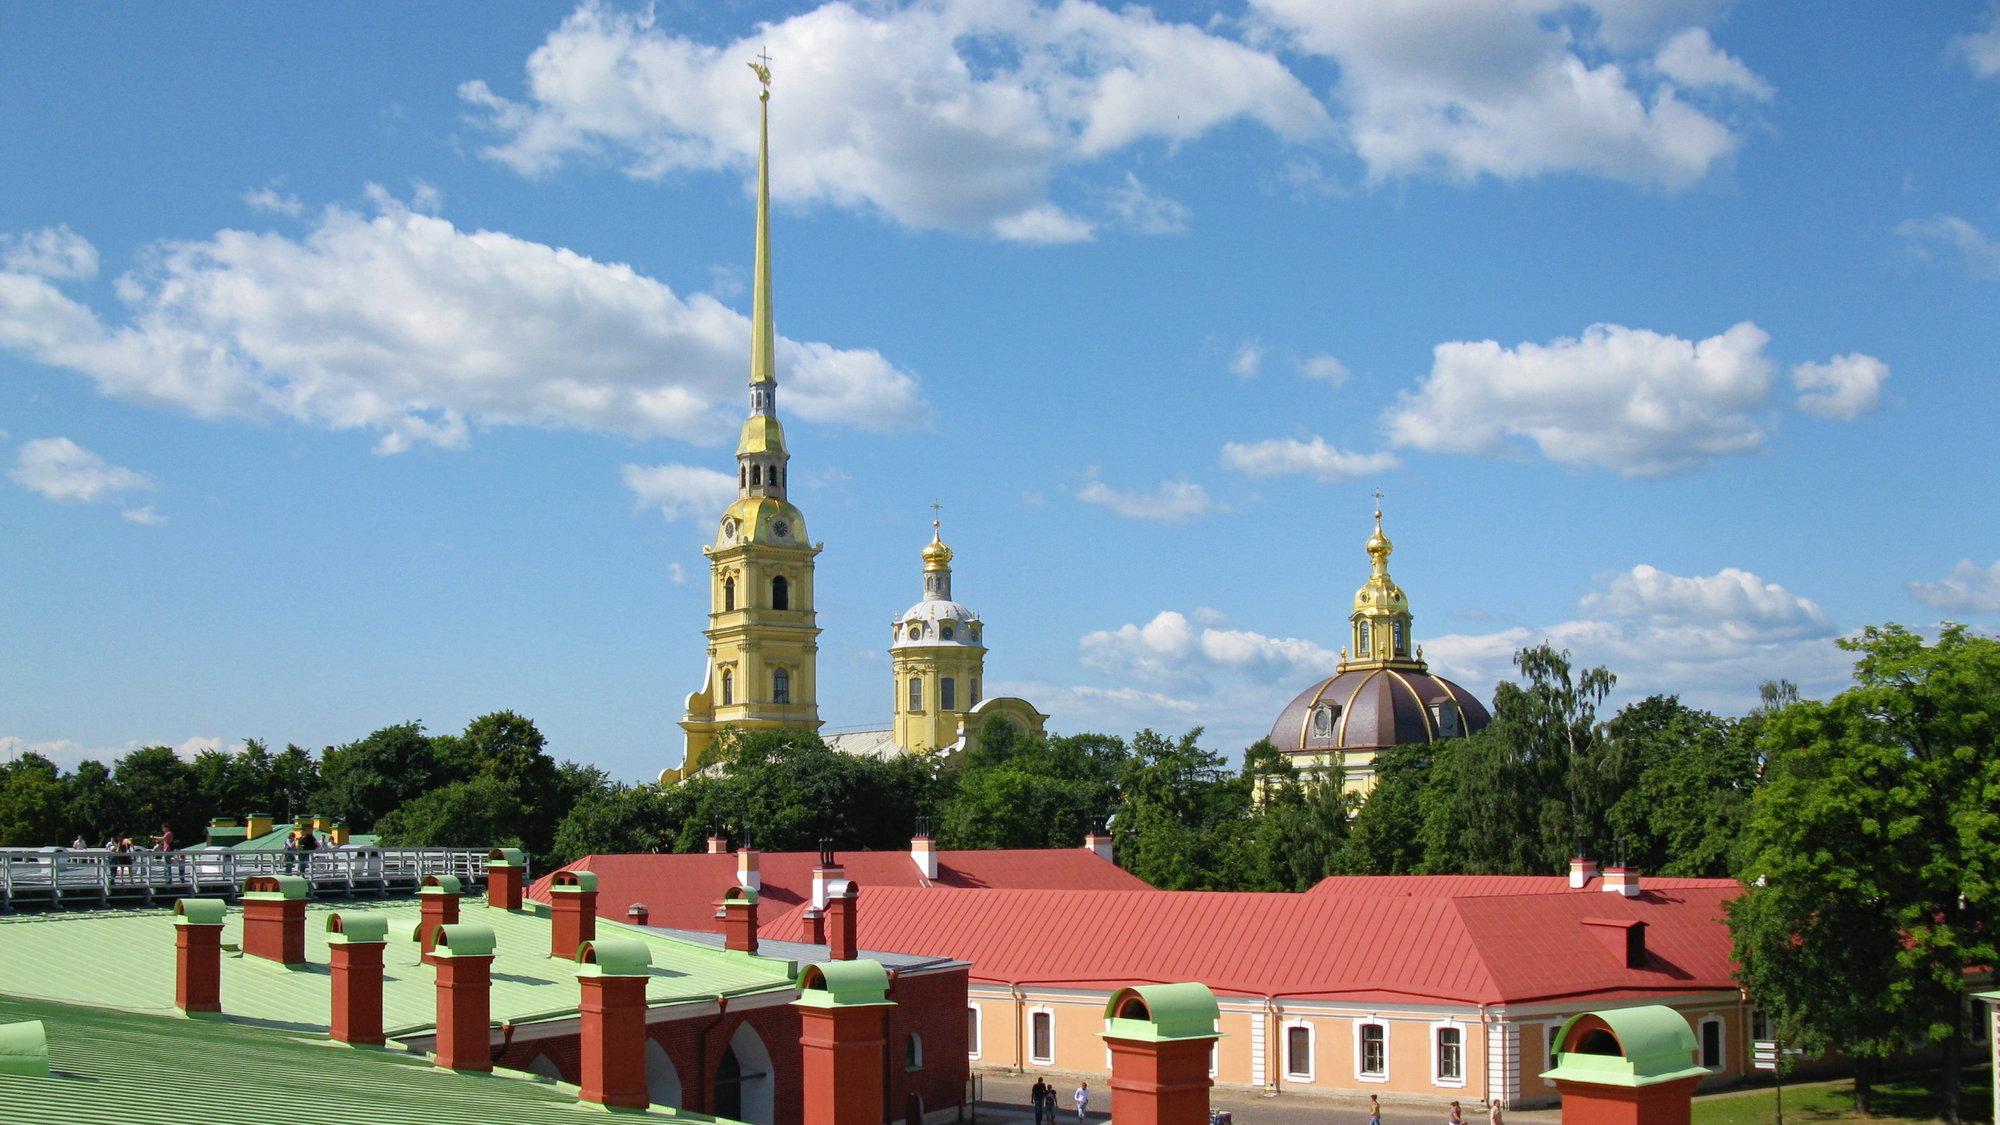 Петропавловская крепость и башни храма Св. Петра и Павла